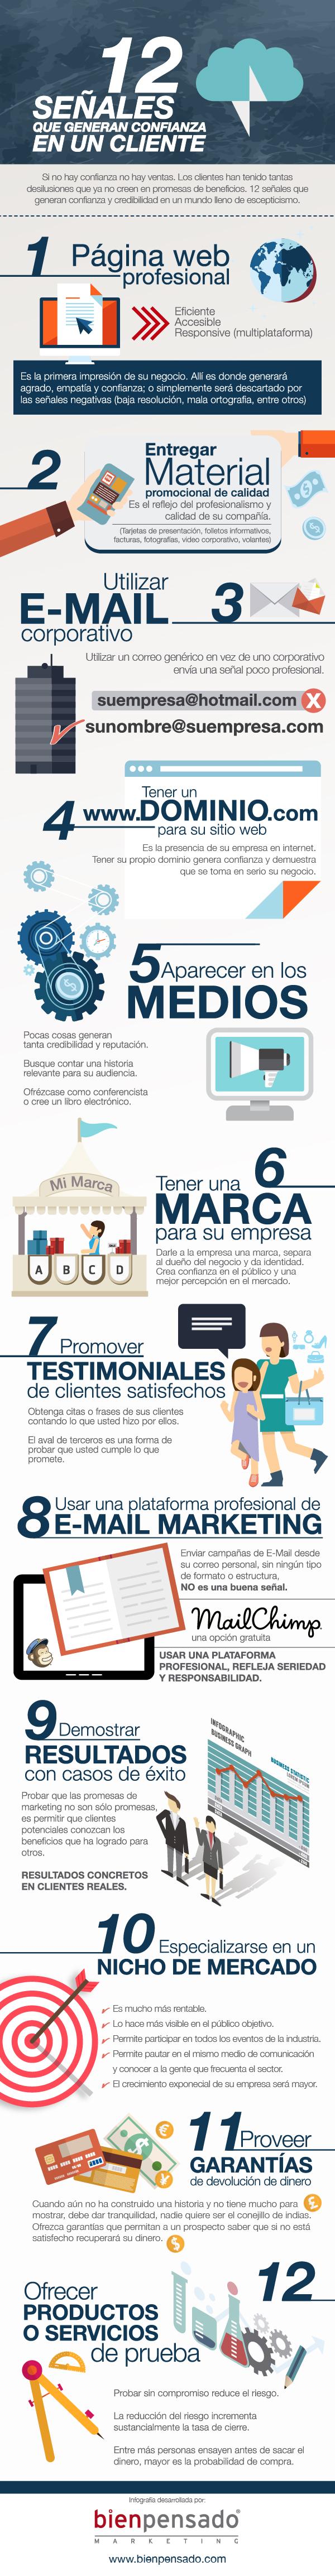 12 señales que generan confianza en un cliente